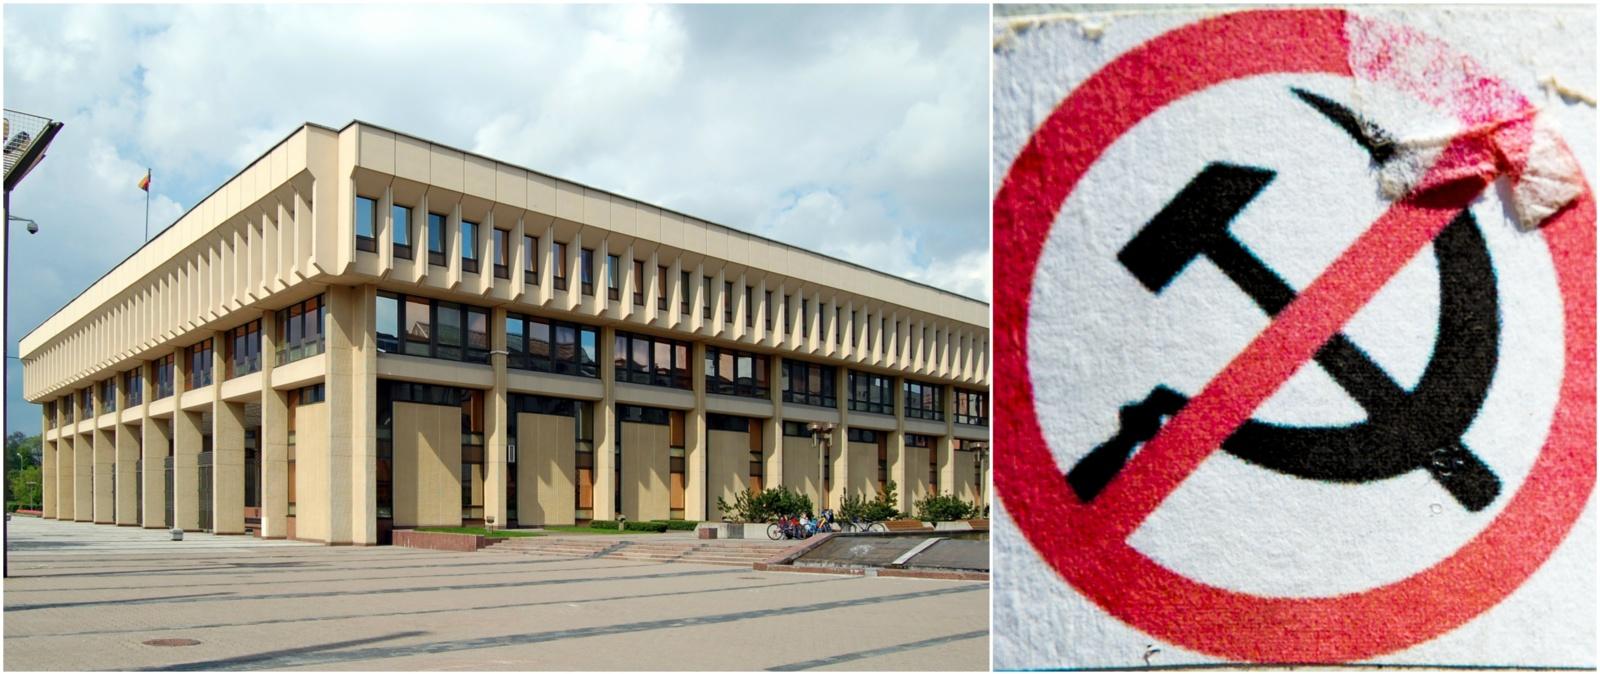 Seimas siekia Lietuvos komunistų partiją pripažinti nusikalstama